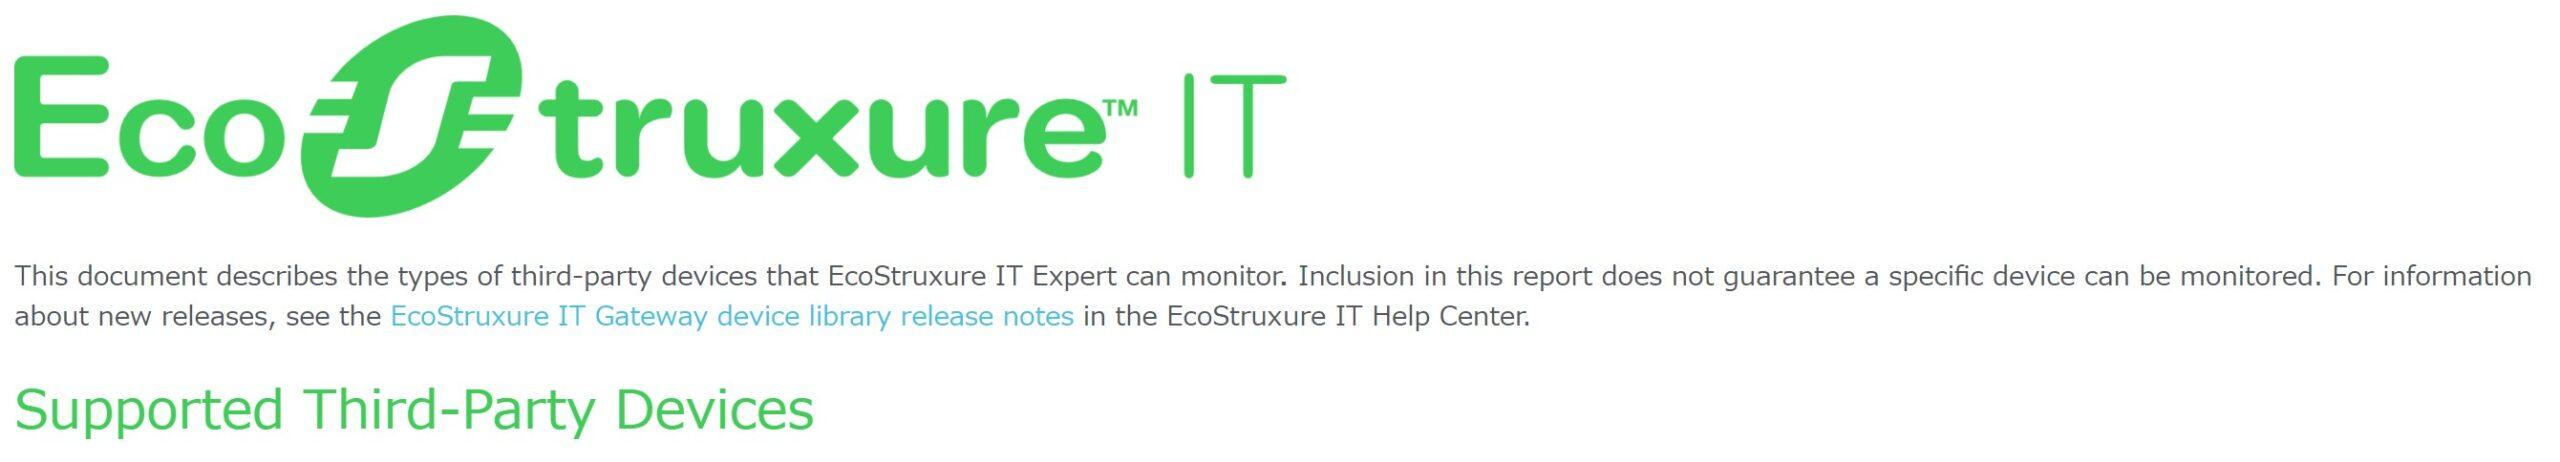 シュナイダーエレクトリック社の次世代DCIM EcoStruxure ITが、3rd-Partyデバイスのサポートを開始!